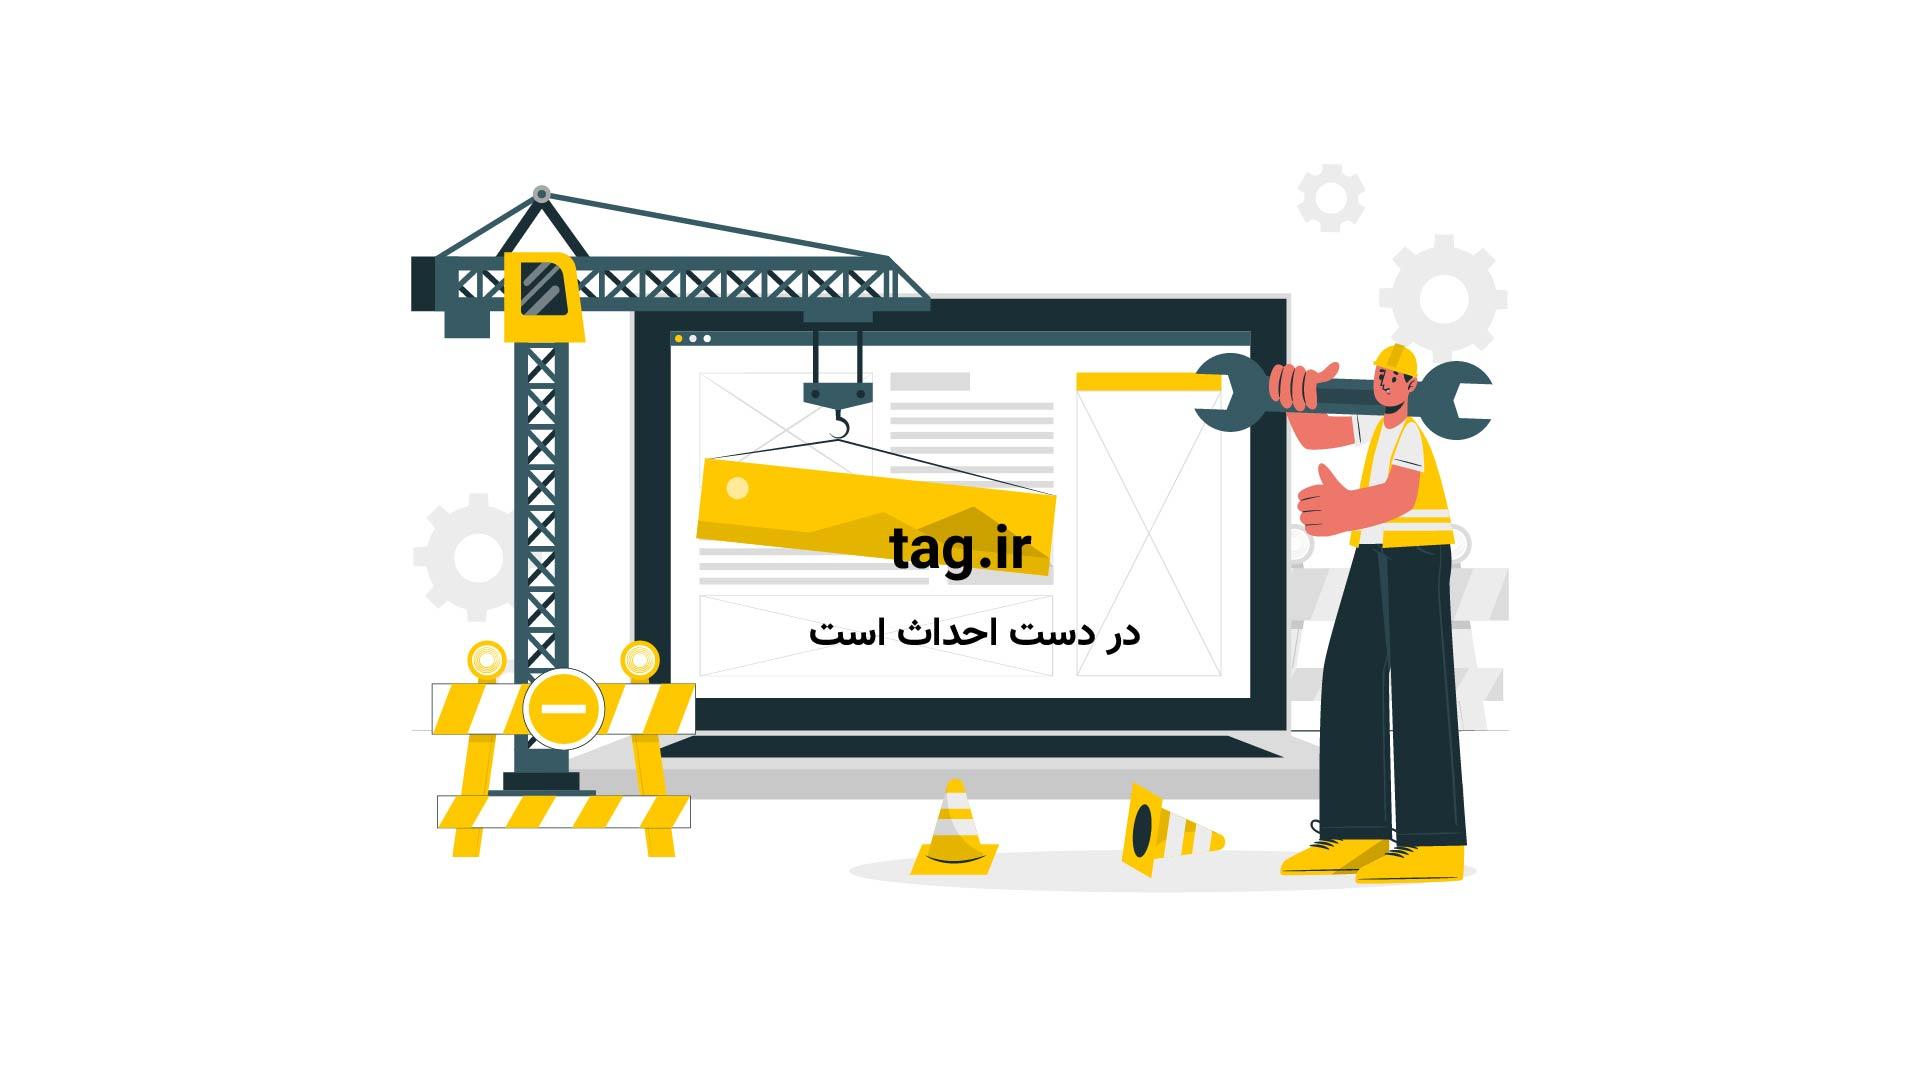 ظریف: ایران همچنان حامی بشار اسد است